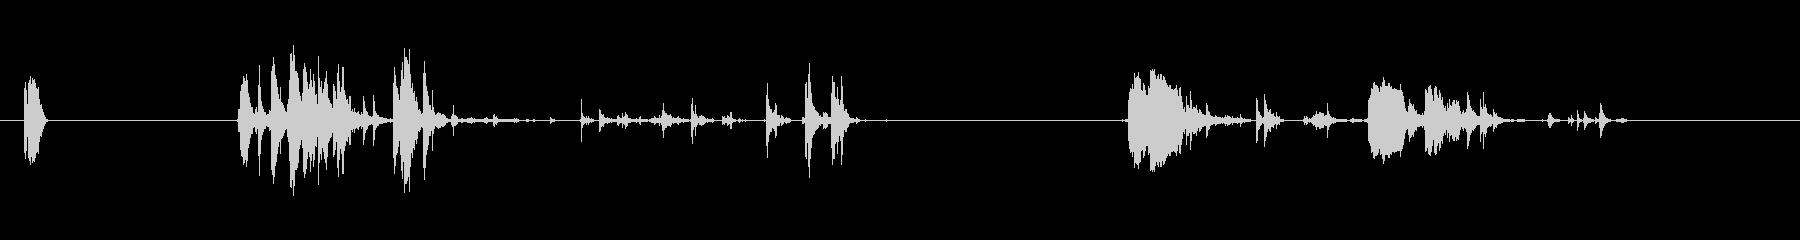 ボディドロップオンウッドの未再生の波形